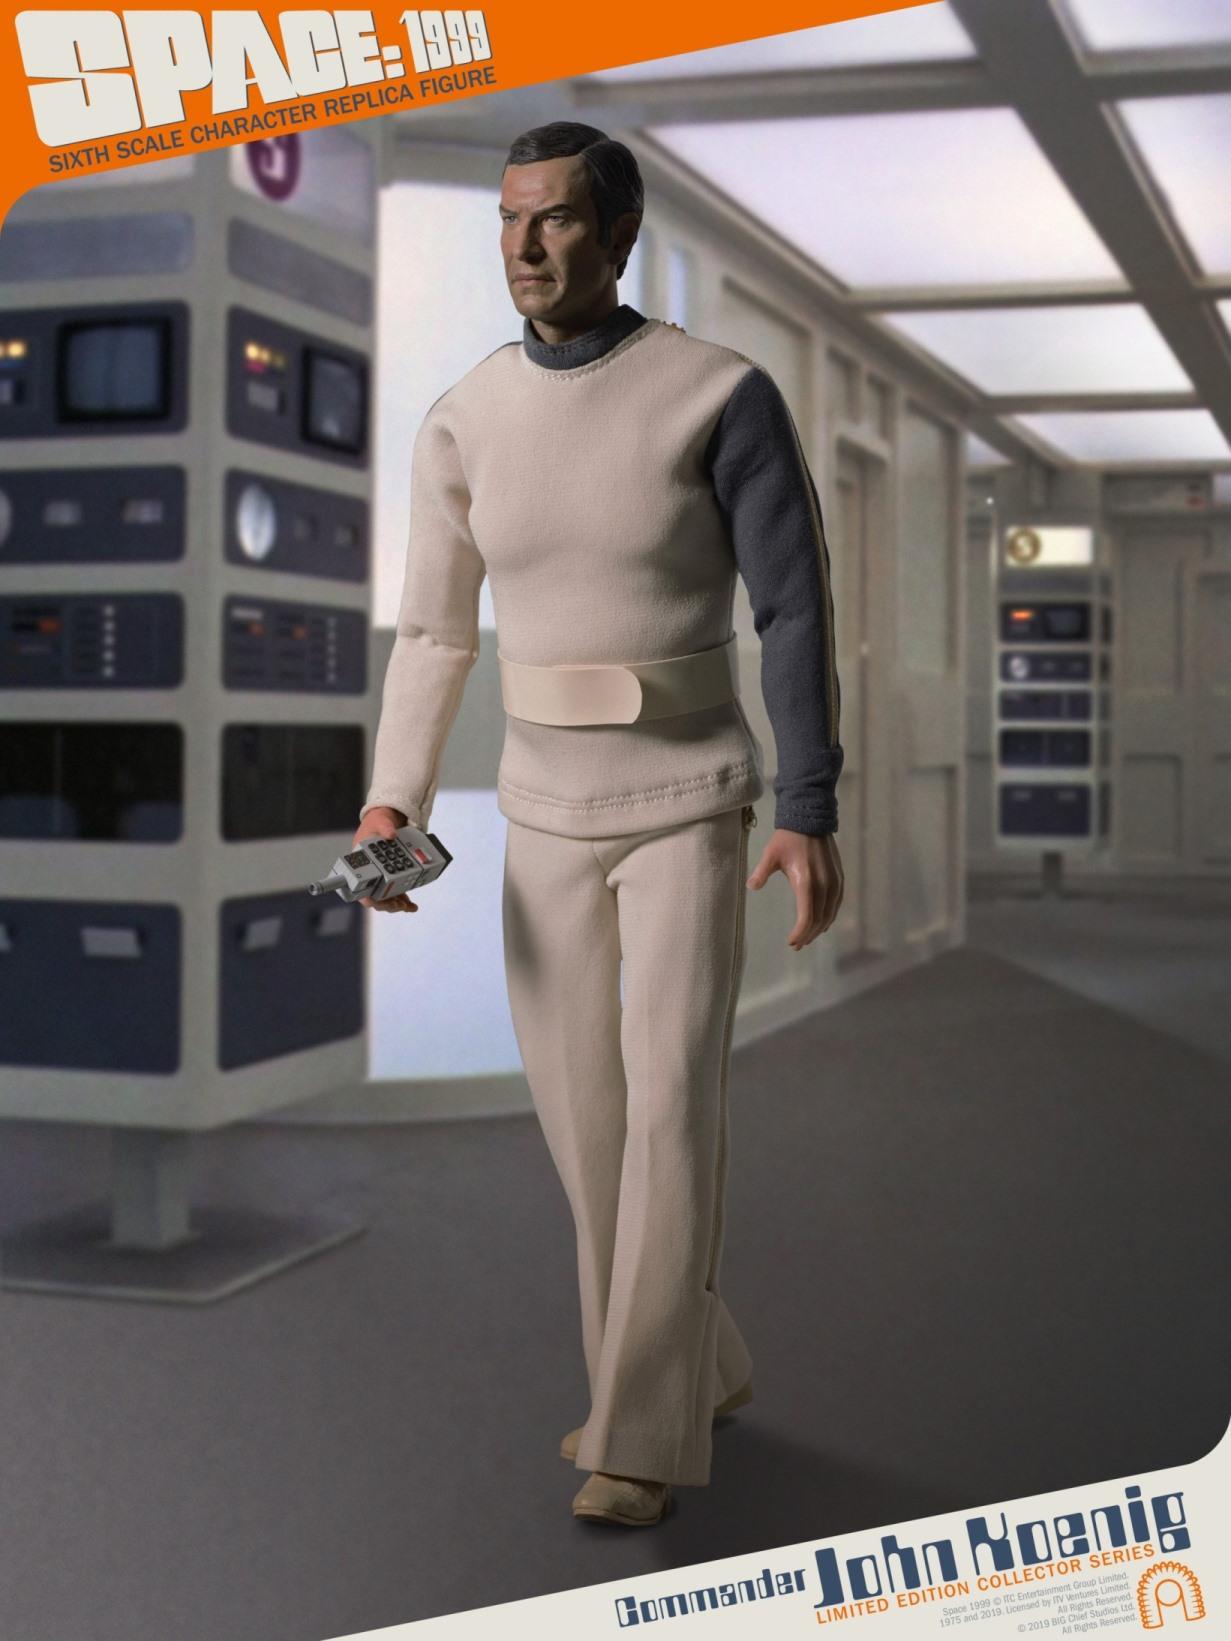 bcs-CommanderJohnKoenig01